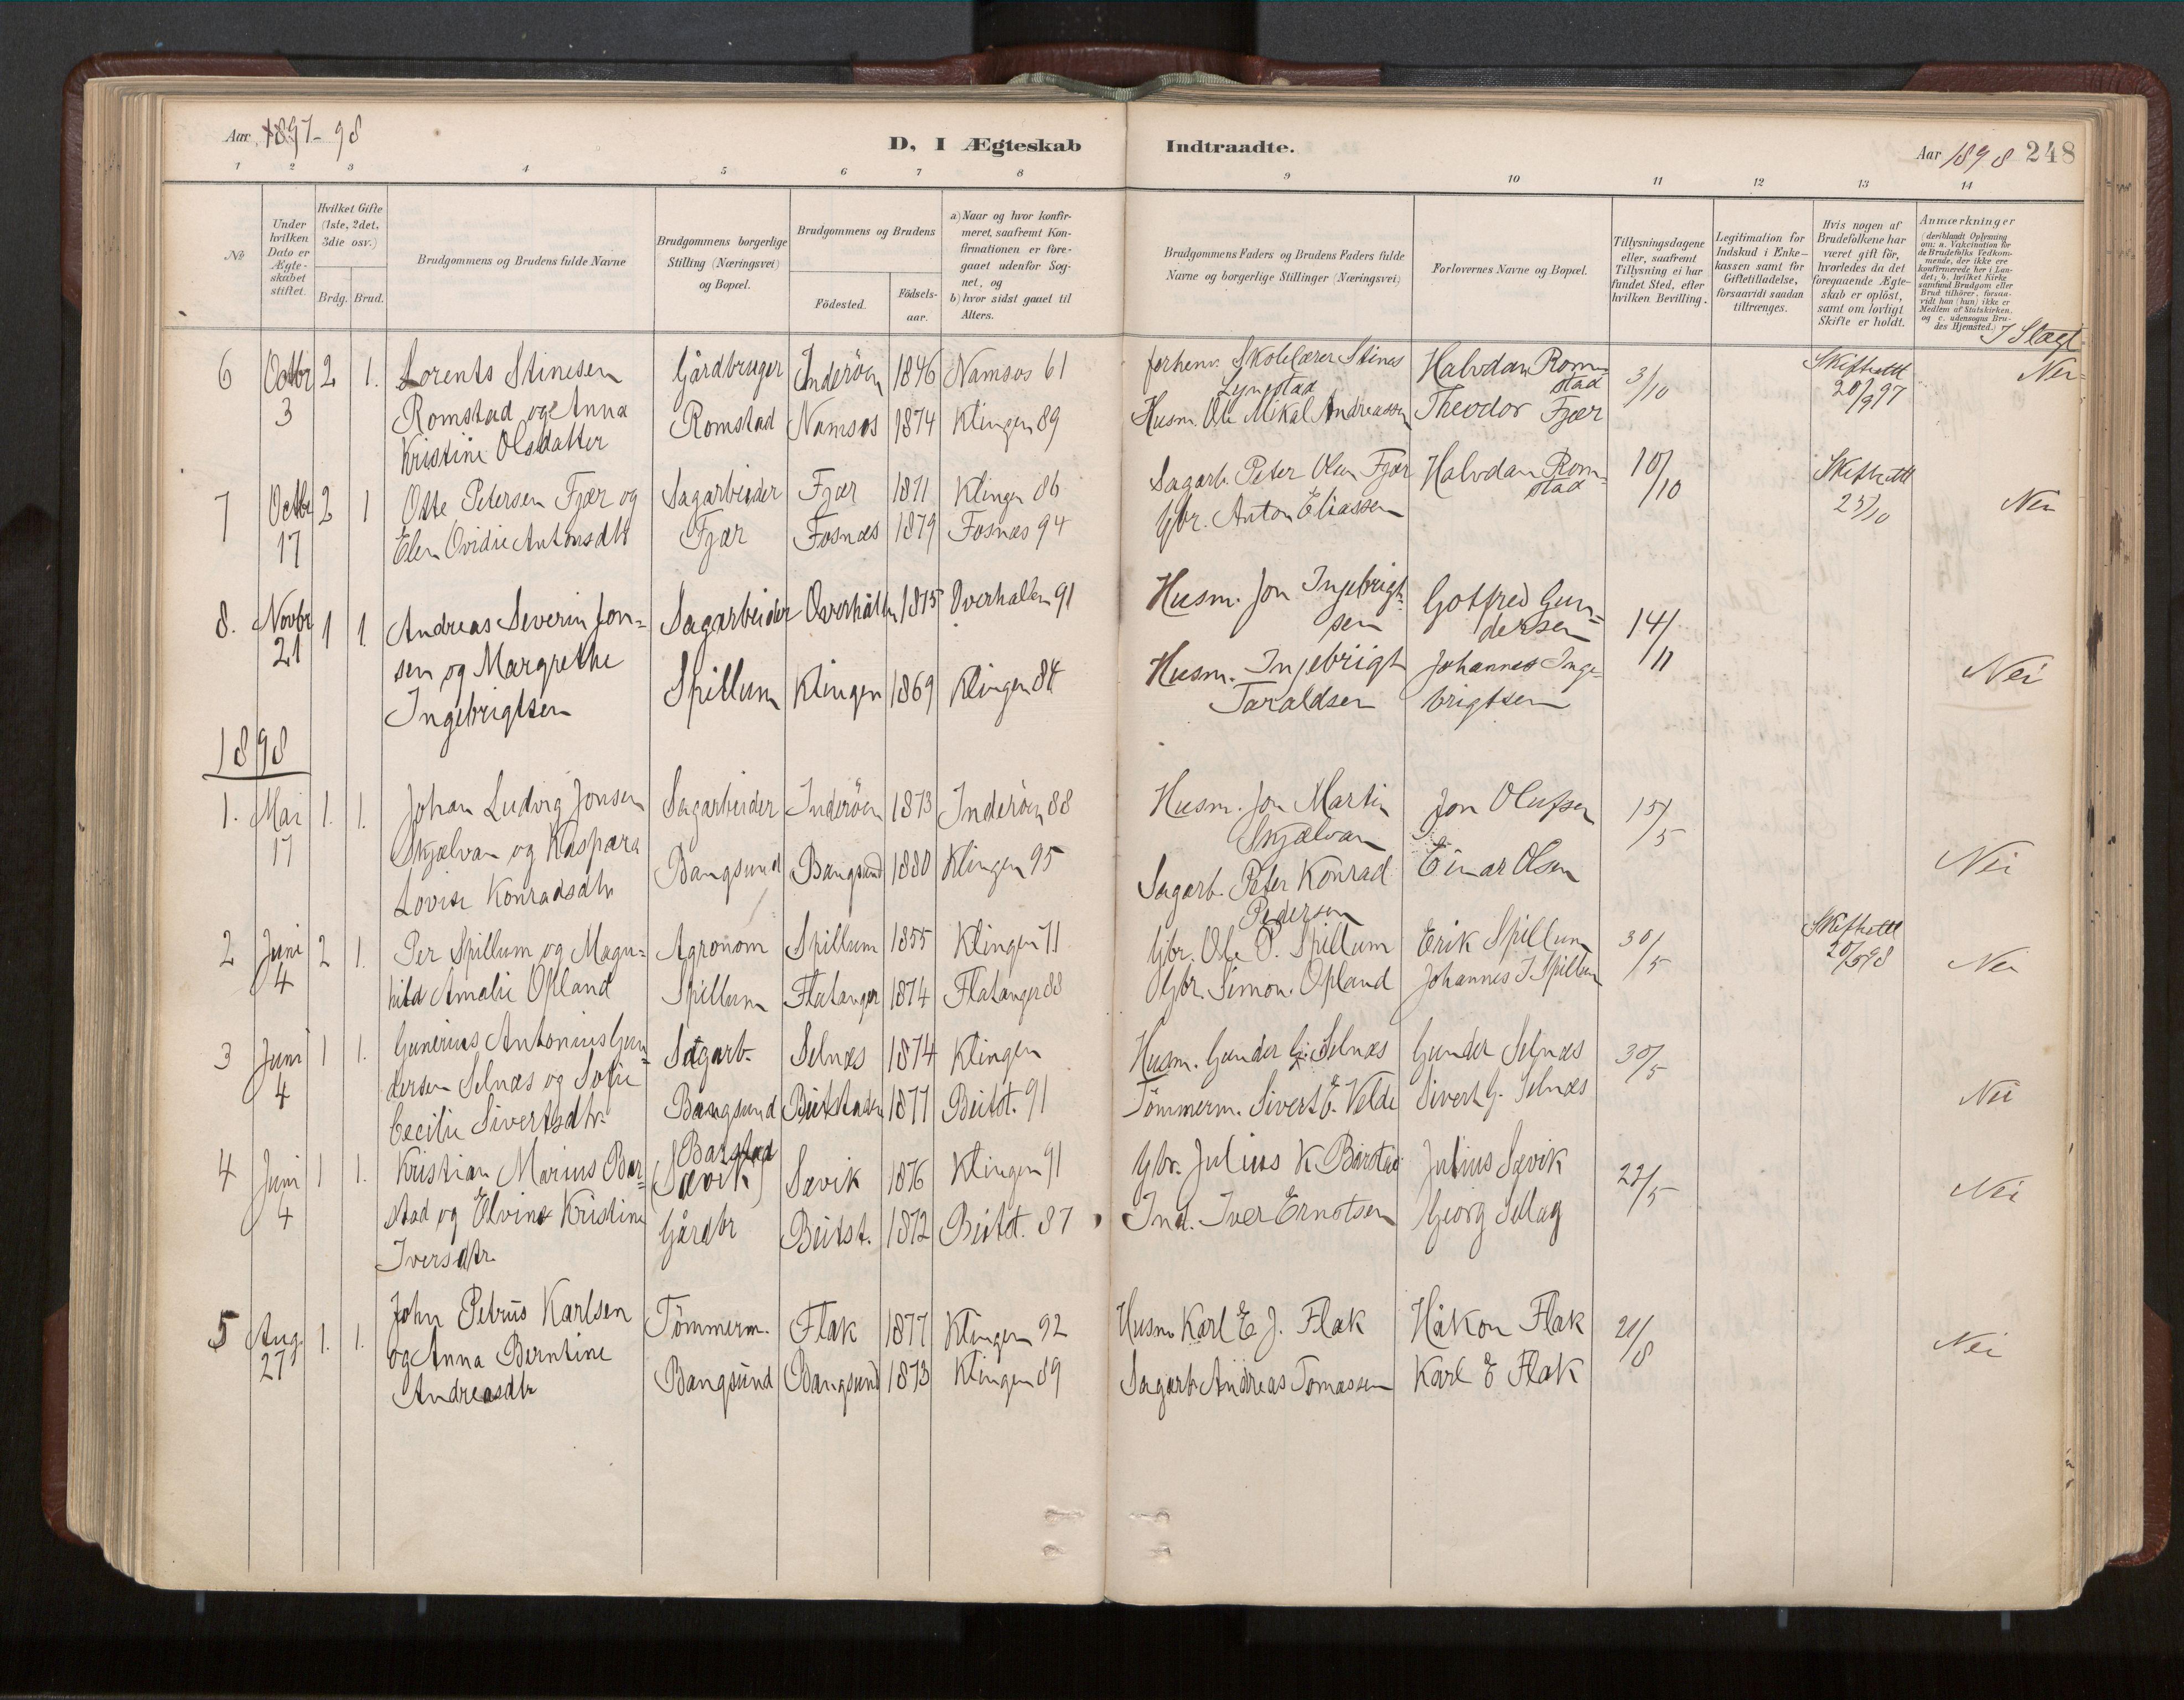 SAT, Ministerialprotokoller, klokkerbøker og fødselsregistre - Nord-Trøndelag, 770/L0589: Ministerialbok nr. 770A03, 1887-1929, s. 248